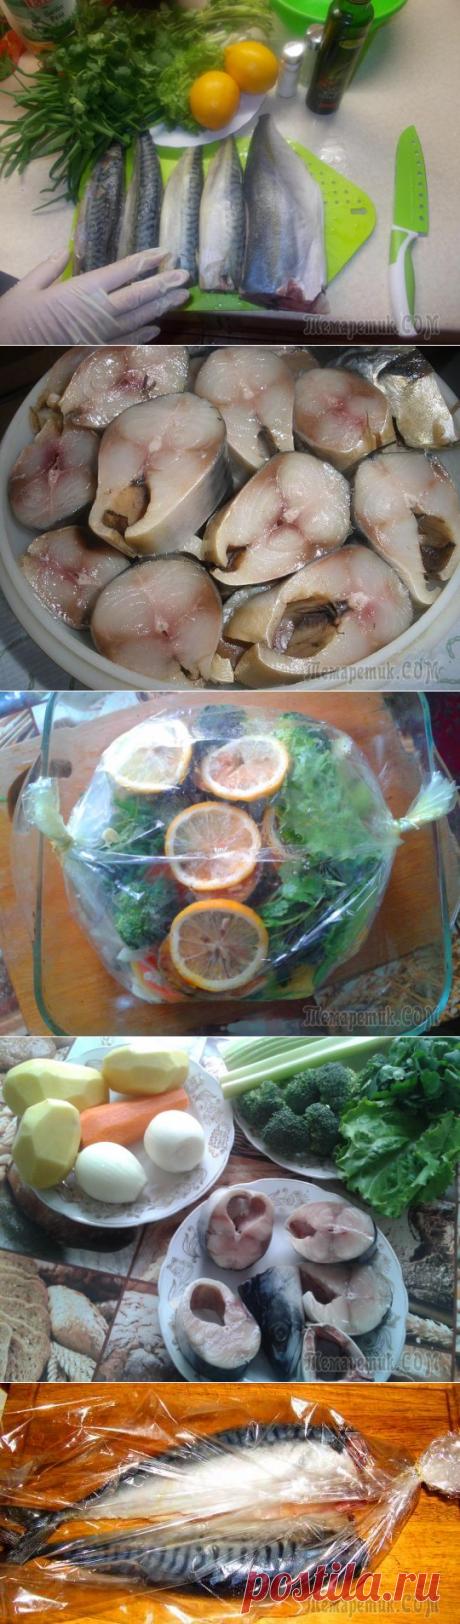 Скумбрия,запеченная в рукаве с овощами!